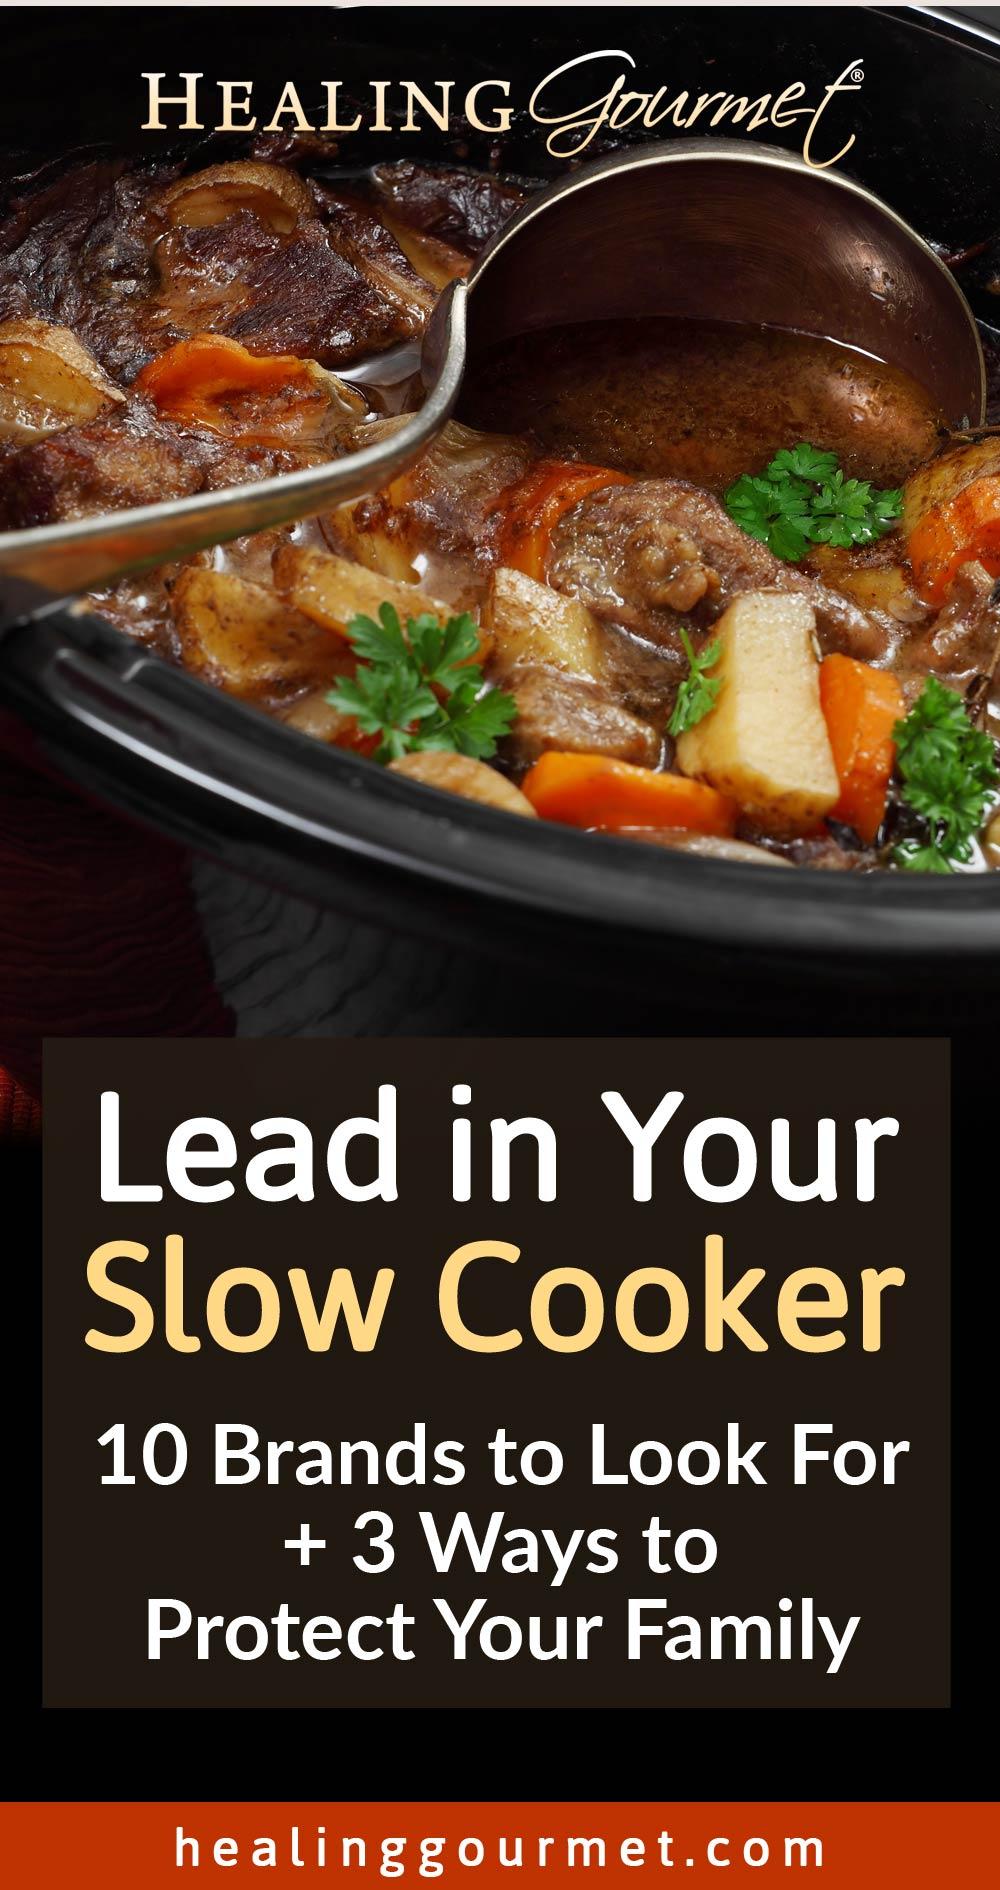 The Hidden Danger in Your Slow Cooker